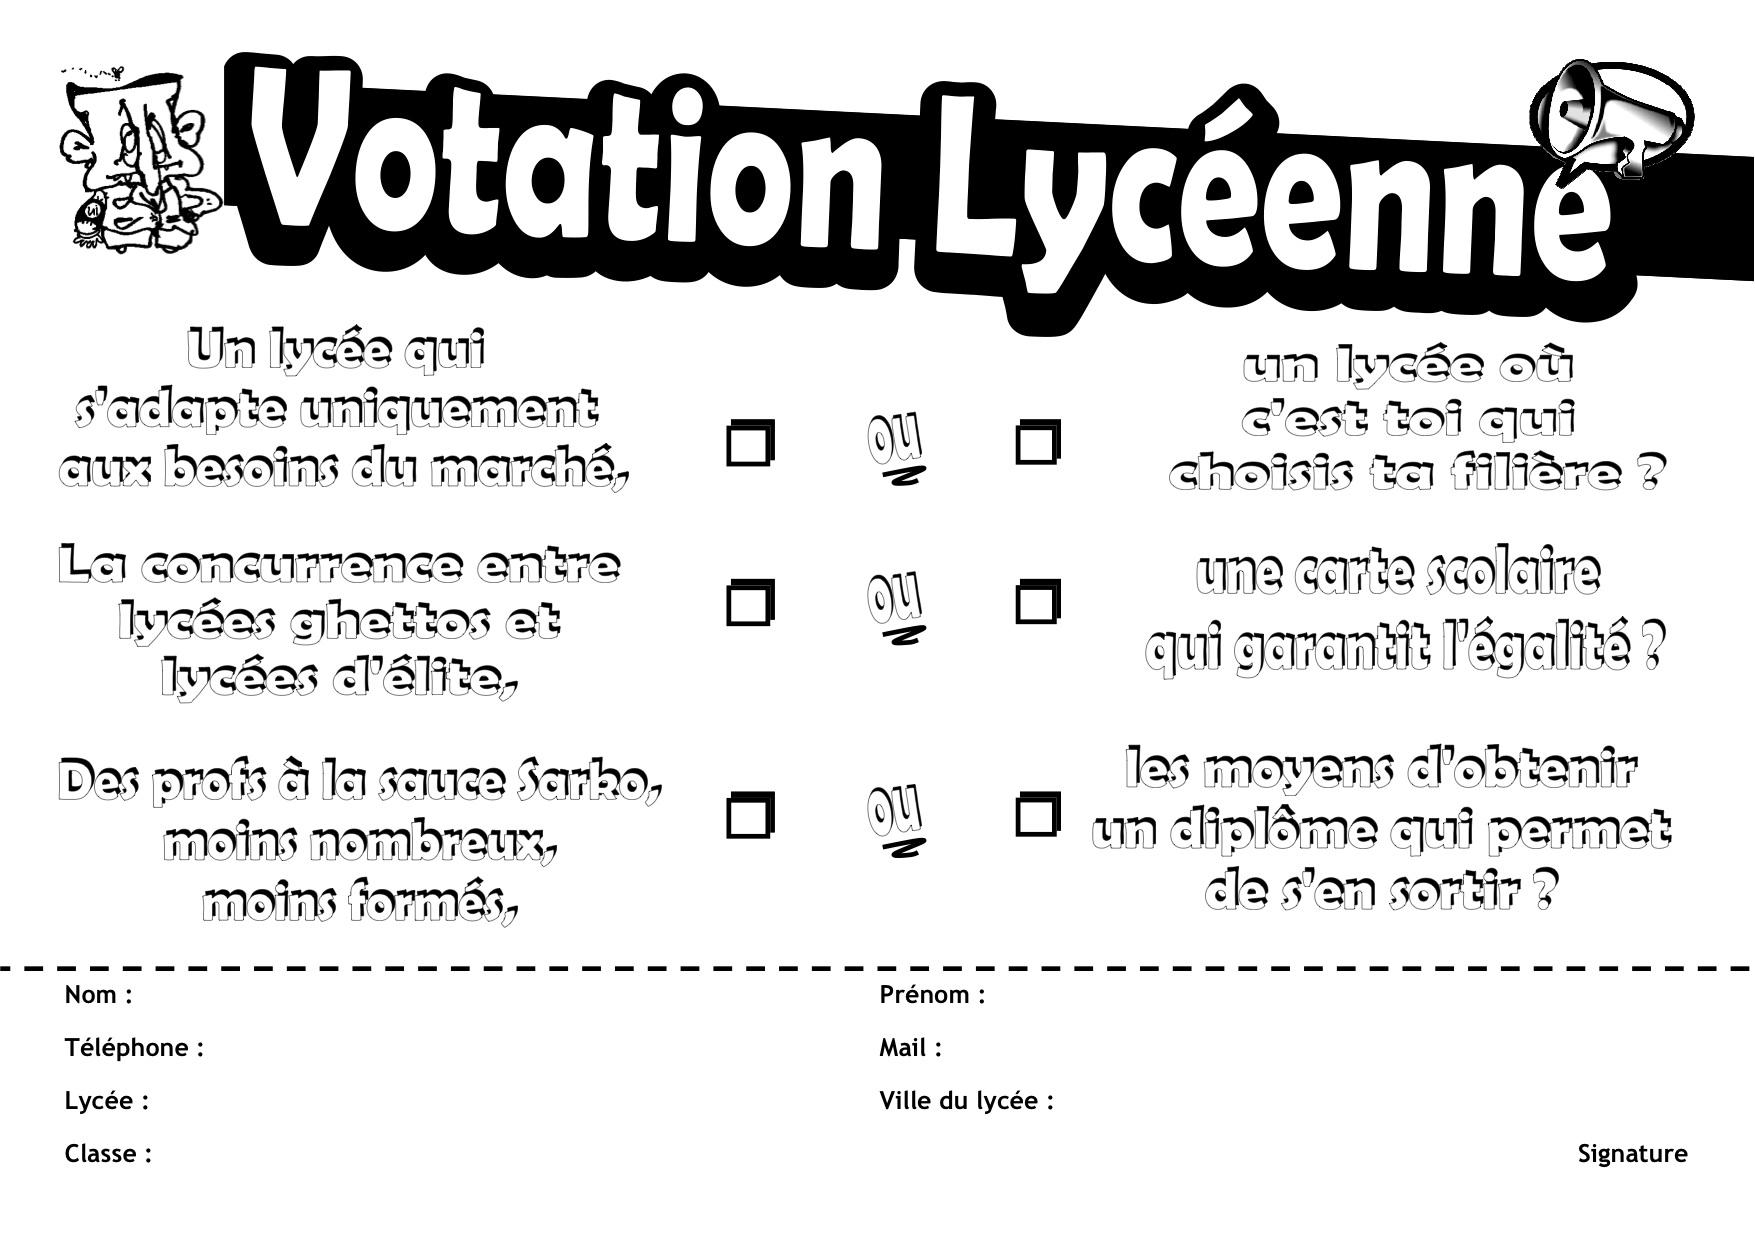 Votation lycéenne